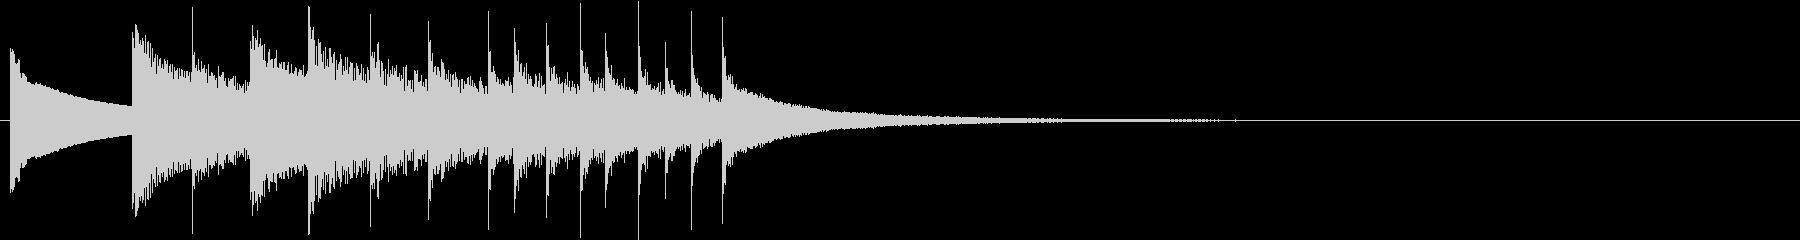 可愛い鉄琴のチャイム音の未再生の波形